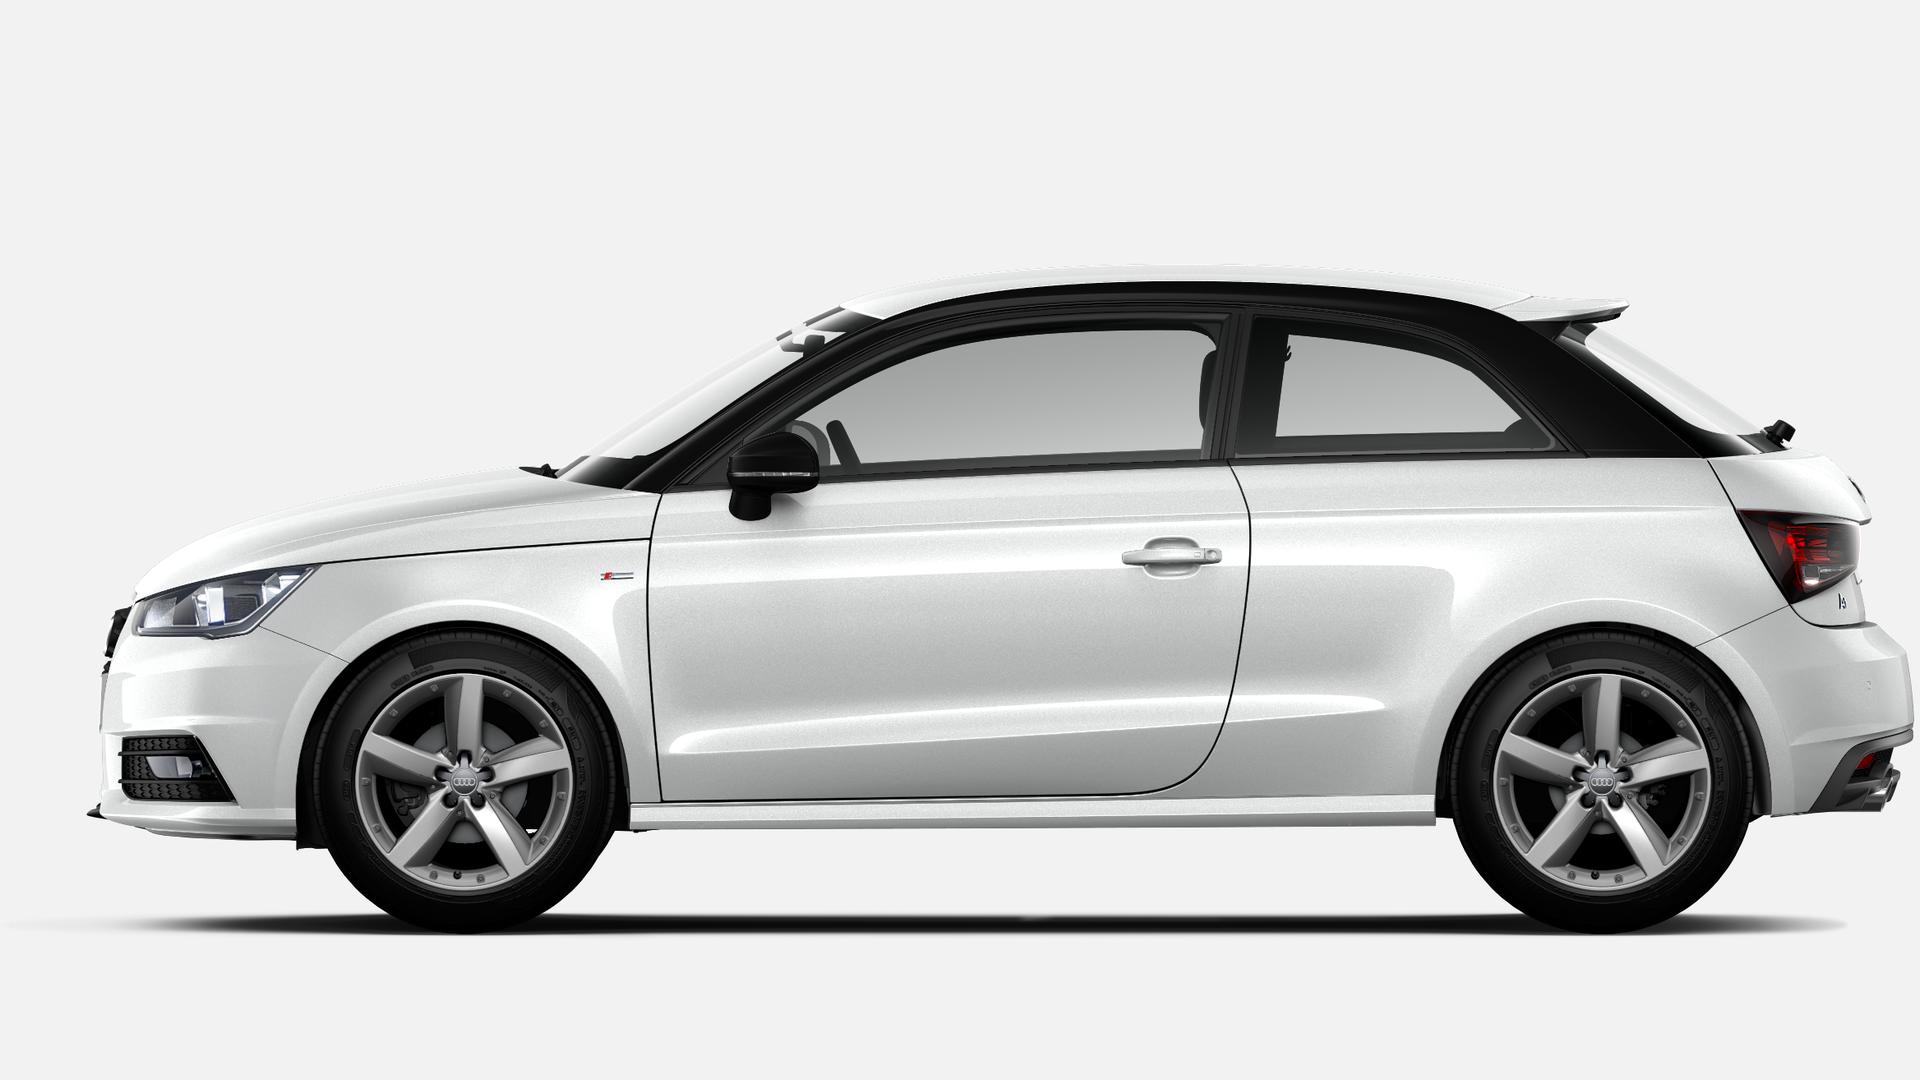 Foto 2 de Audi A1 1.0 TFSI Adrenalin 70 kW (95 CV)